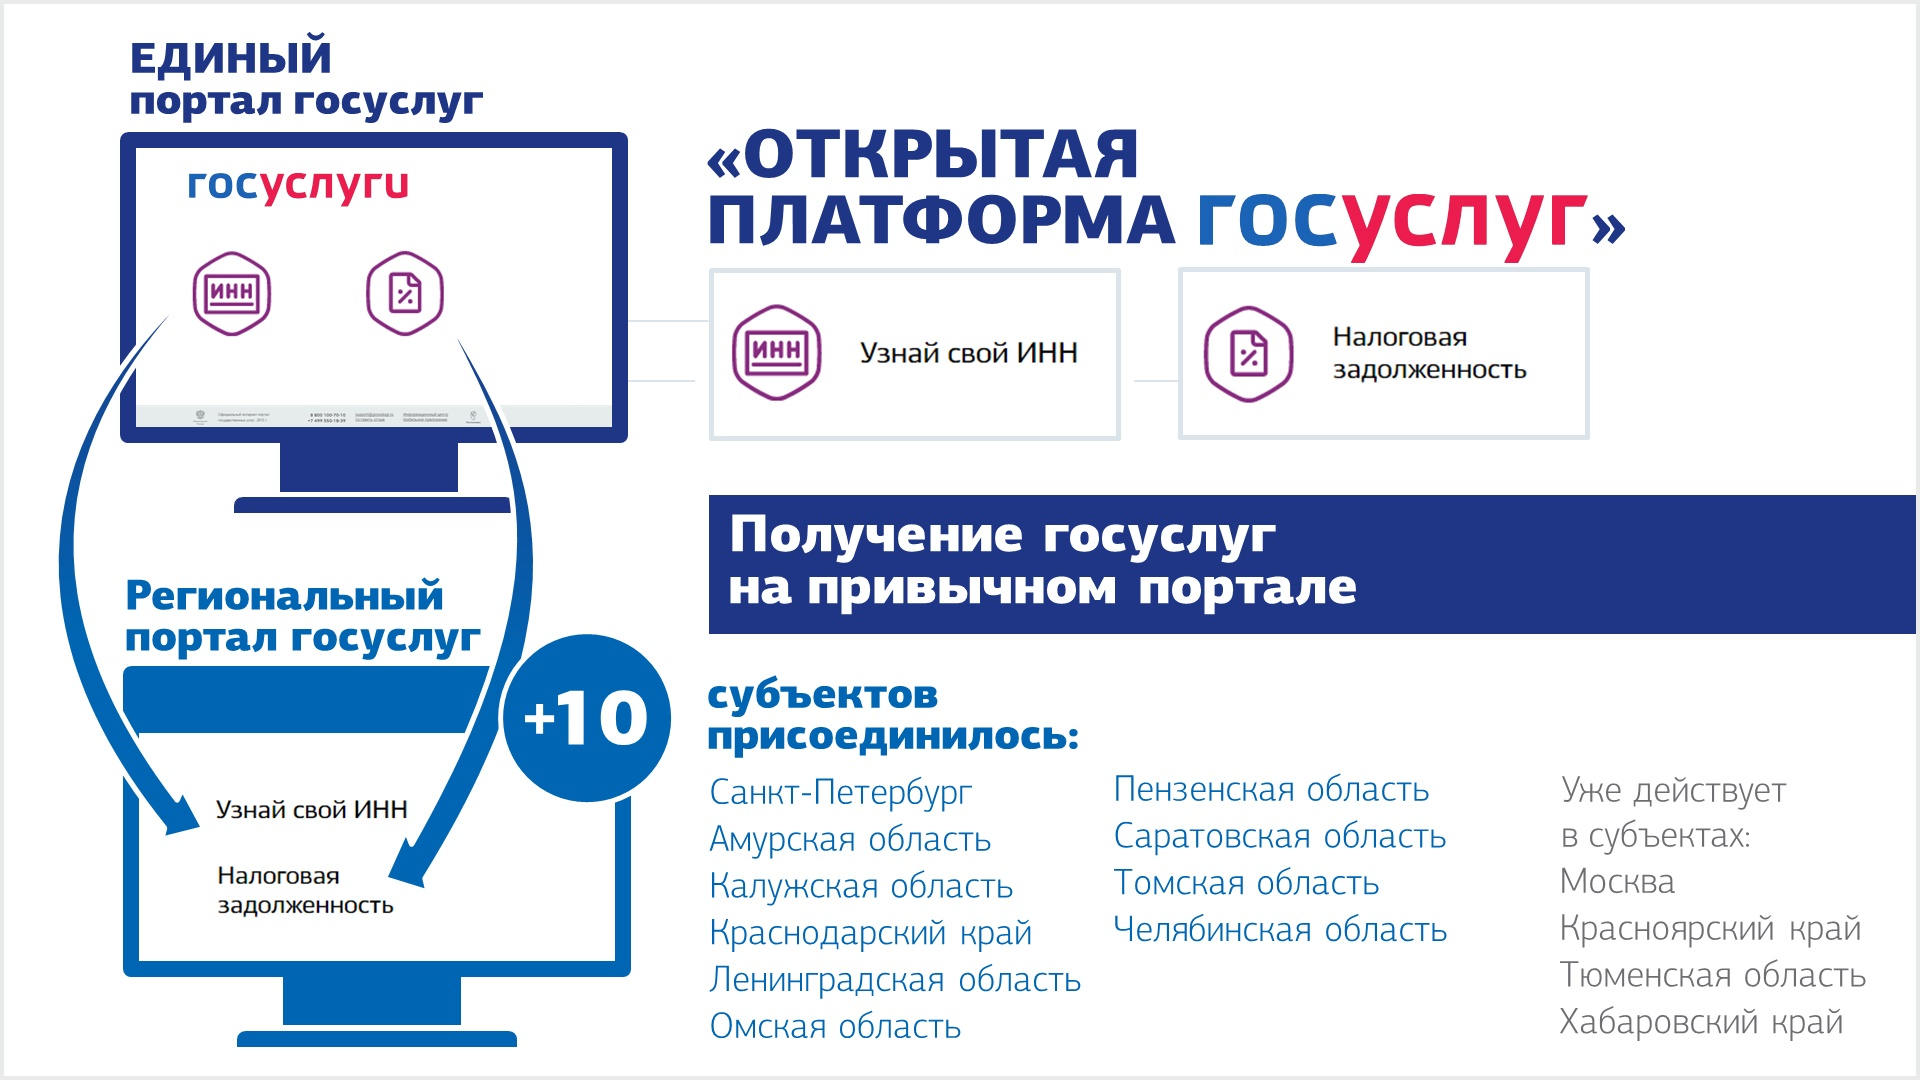 К проекту «Открытая платформа госуслуг» присоединились новые регионы РФ